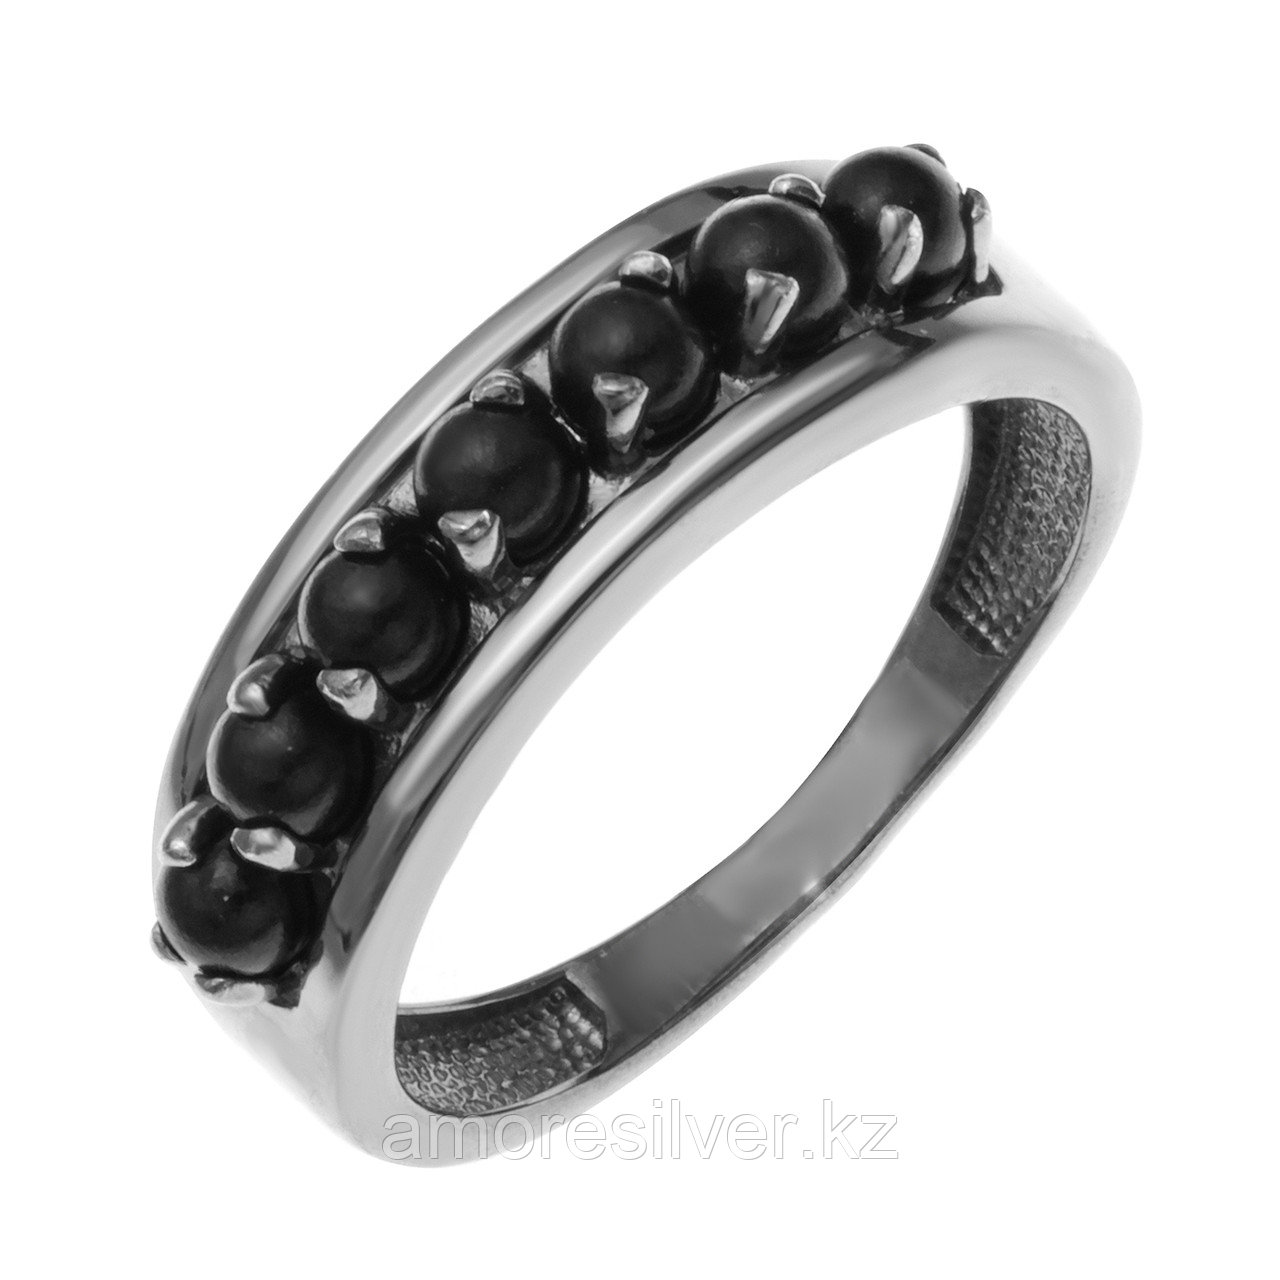 Кольцо Teosa серебро с родием, жемчуг, дорожка 1000-0372-Plts размеры - 17,5